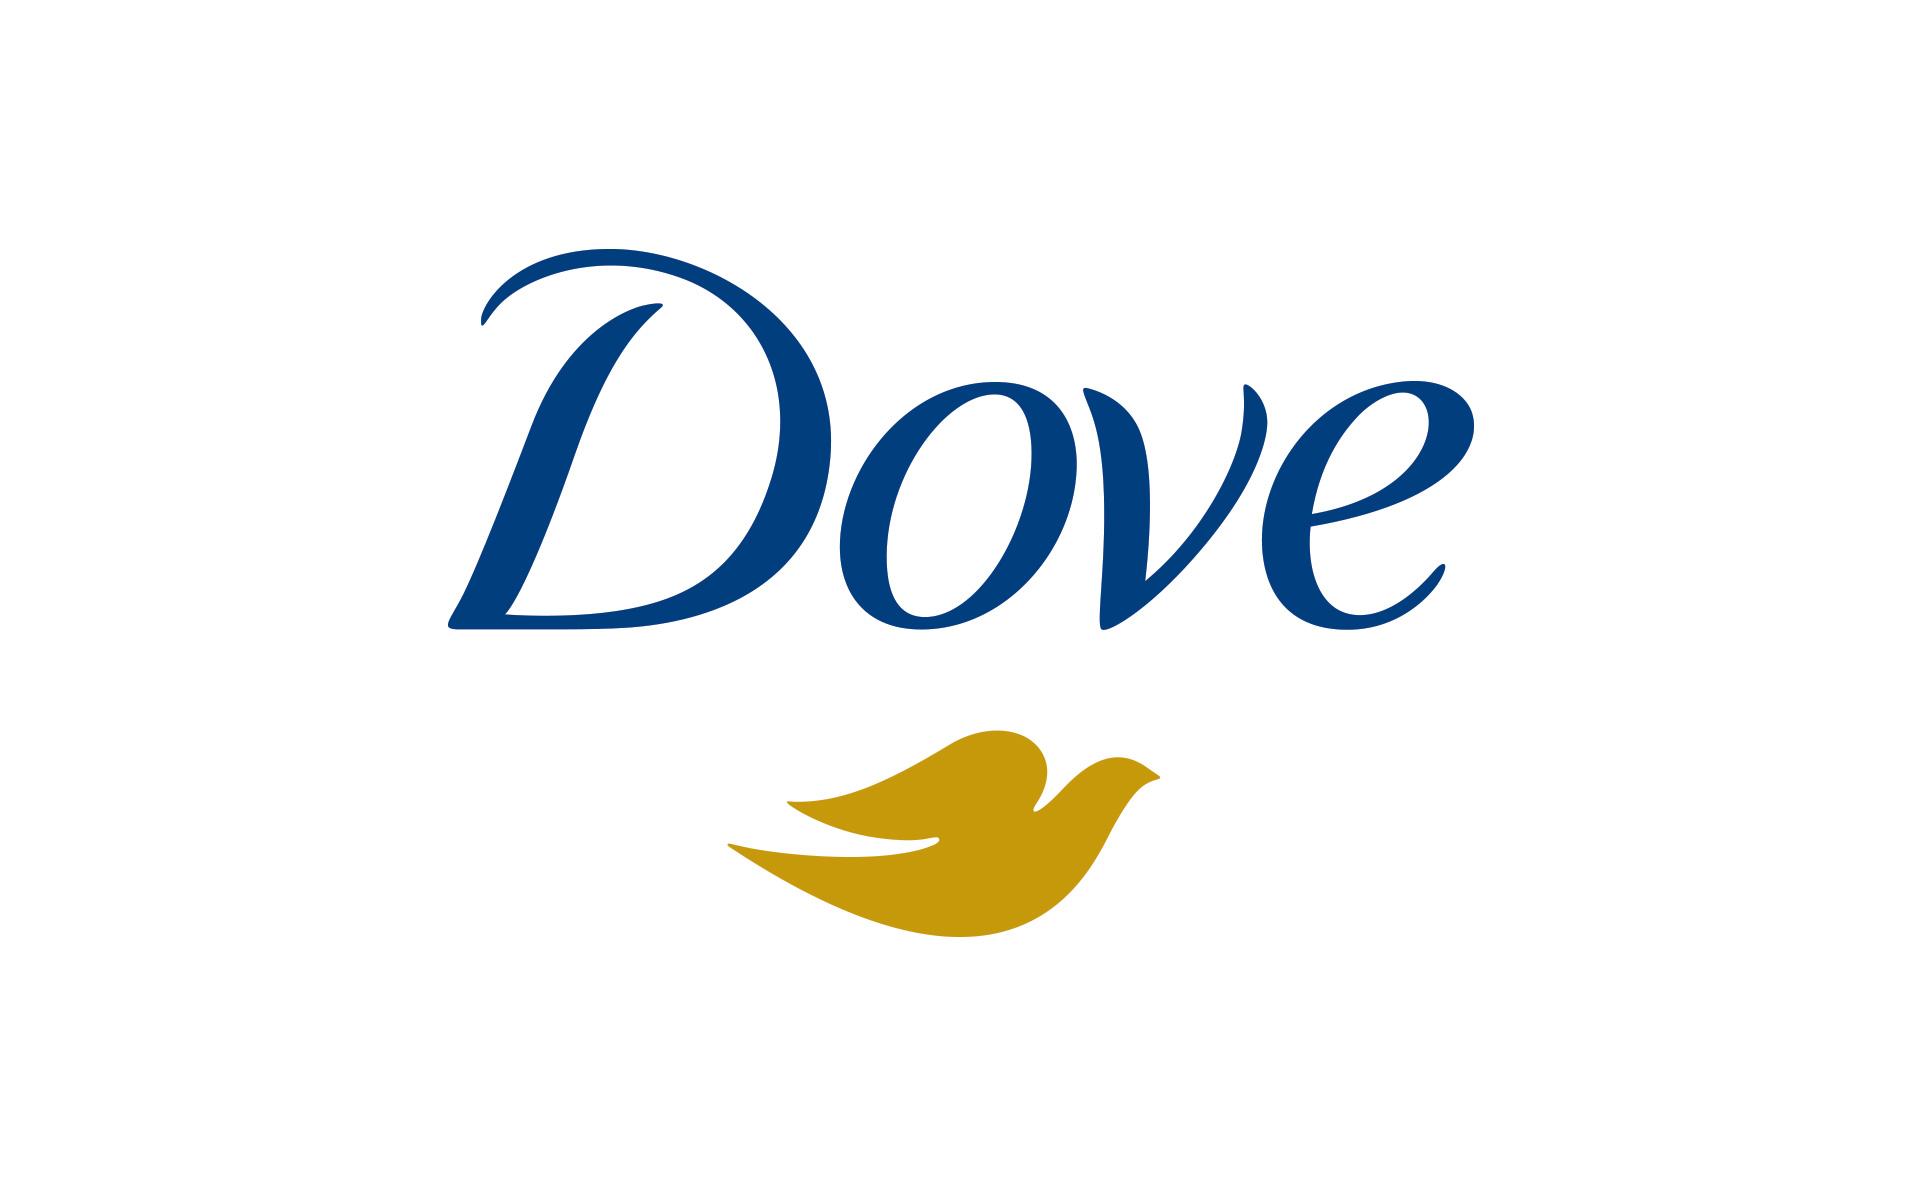 Dove 60th Anniversary - Brand Identity